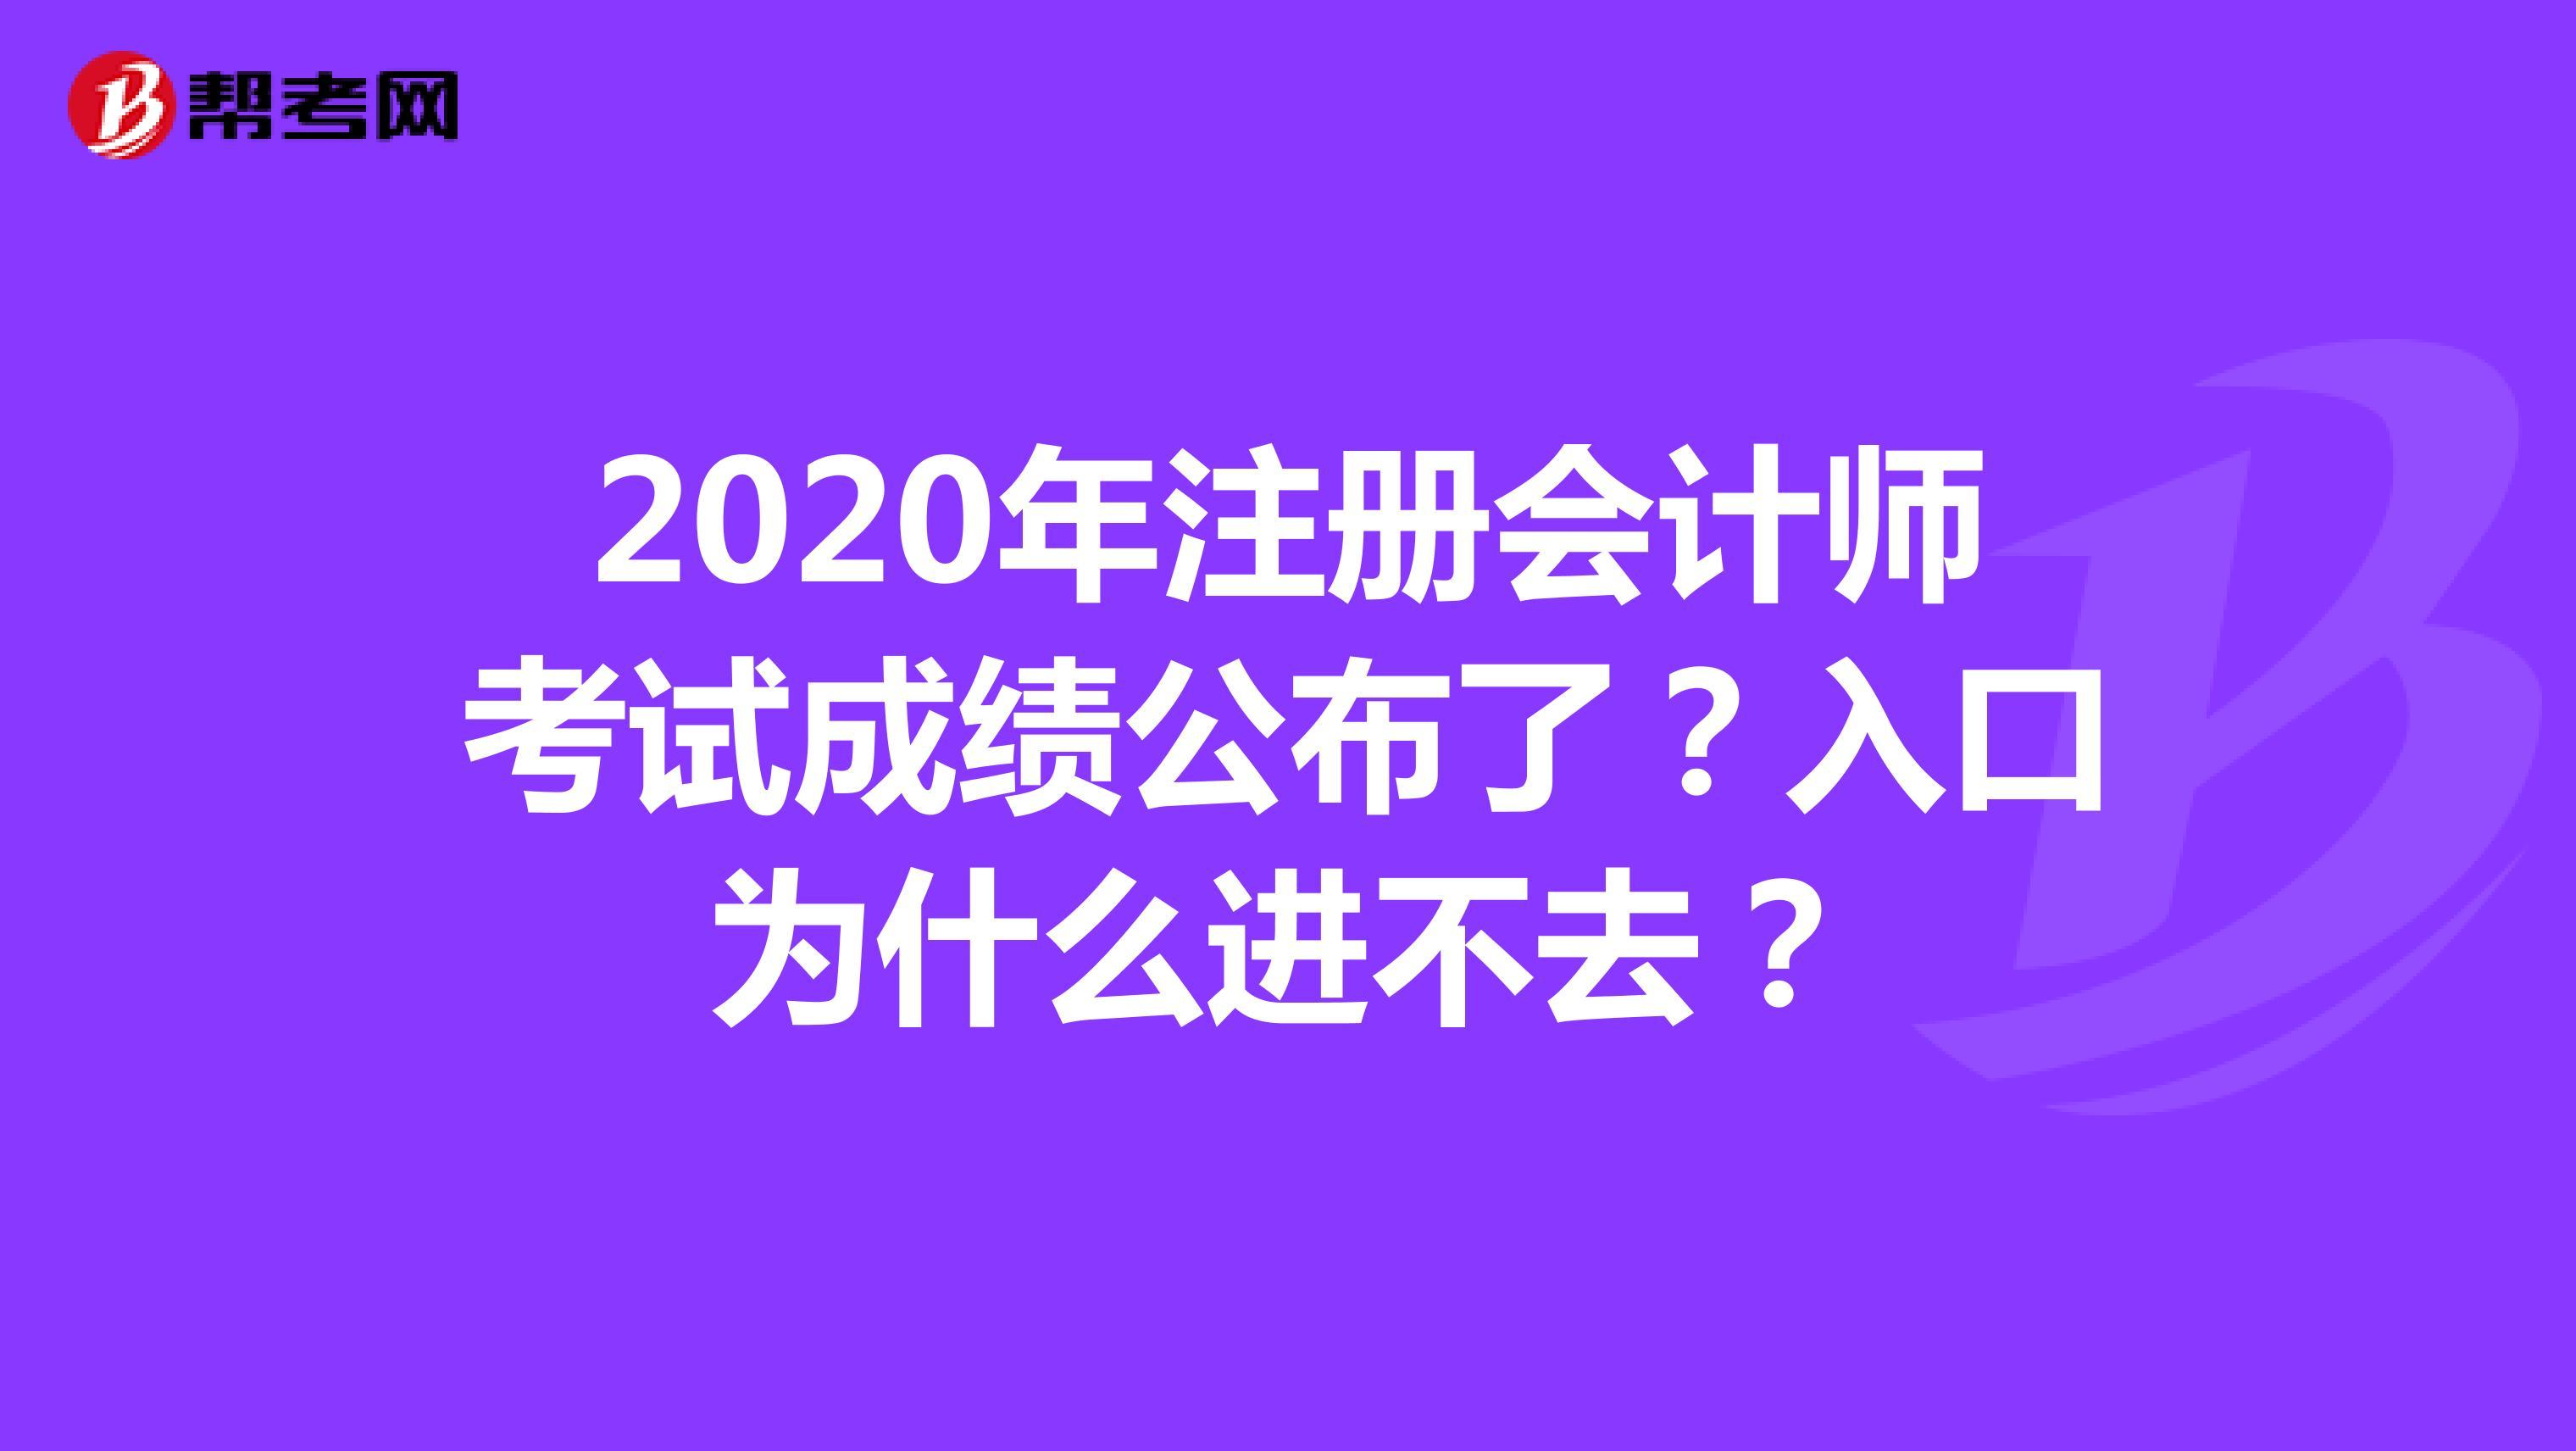 2020年注冊會計師考試成績公布了?入口為什么進不去?